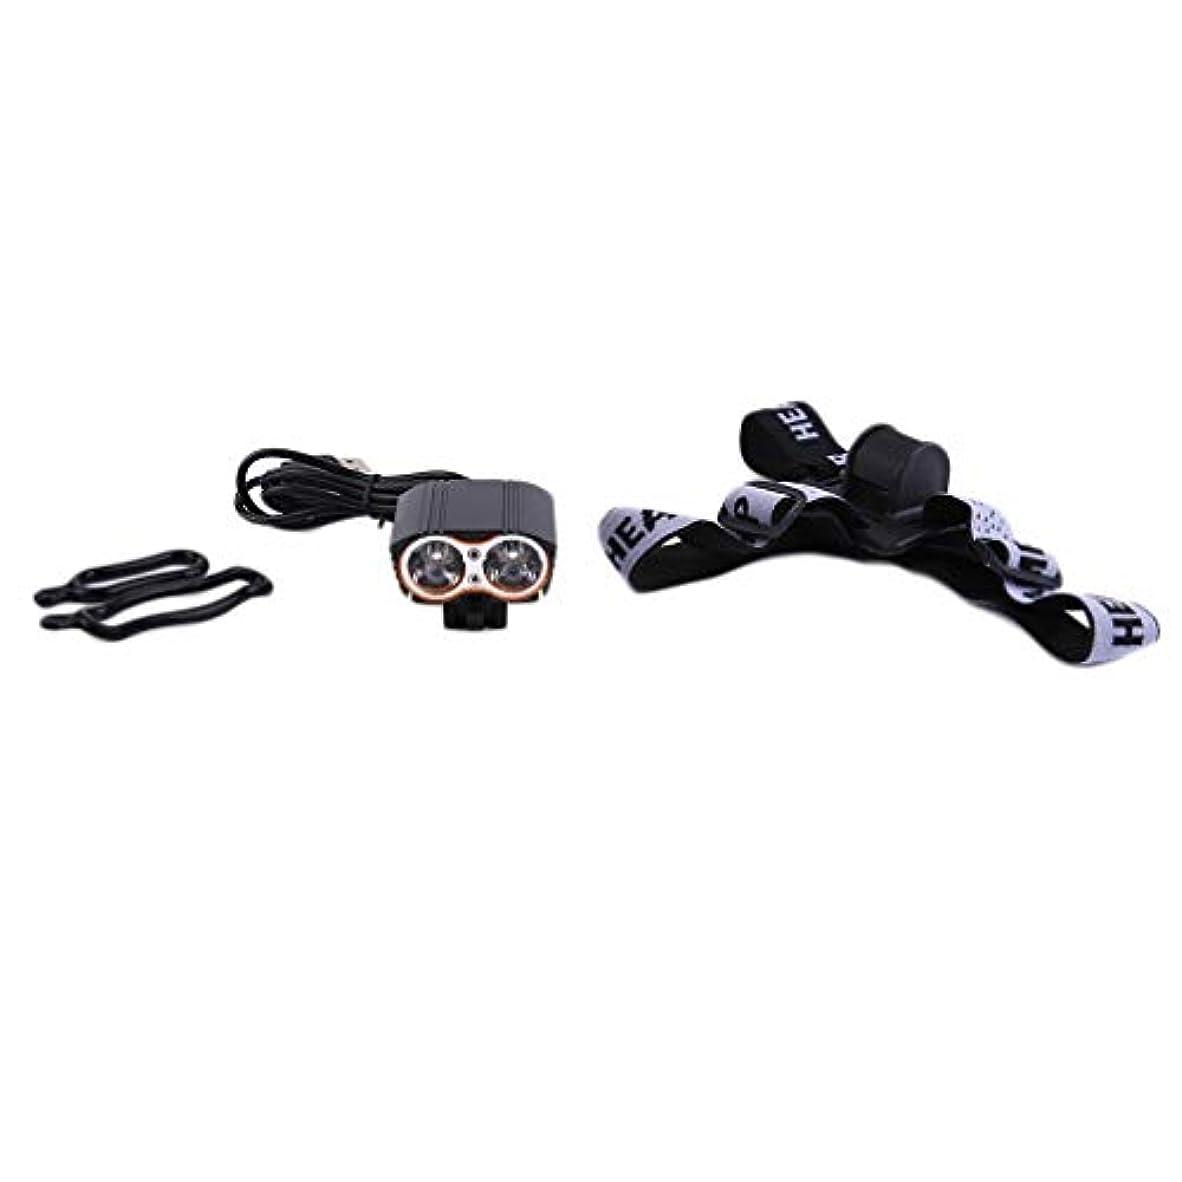 体積極的に欲望自転車ライト USB充電式 高輝度 防水 3モード ヘッドライト 2000ルーメン フロントLEDライト 簡単に取り付け アウトドア 防災 サイクリング適用 ブラック